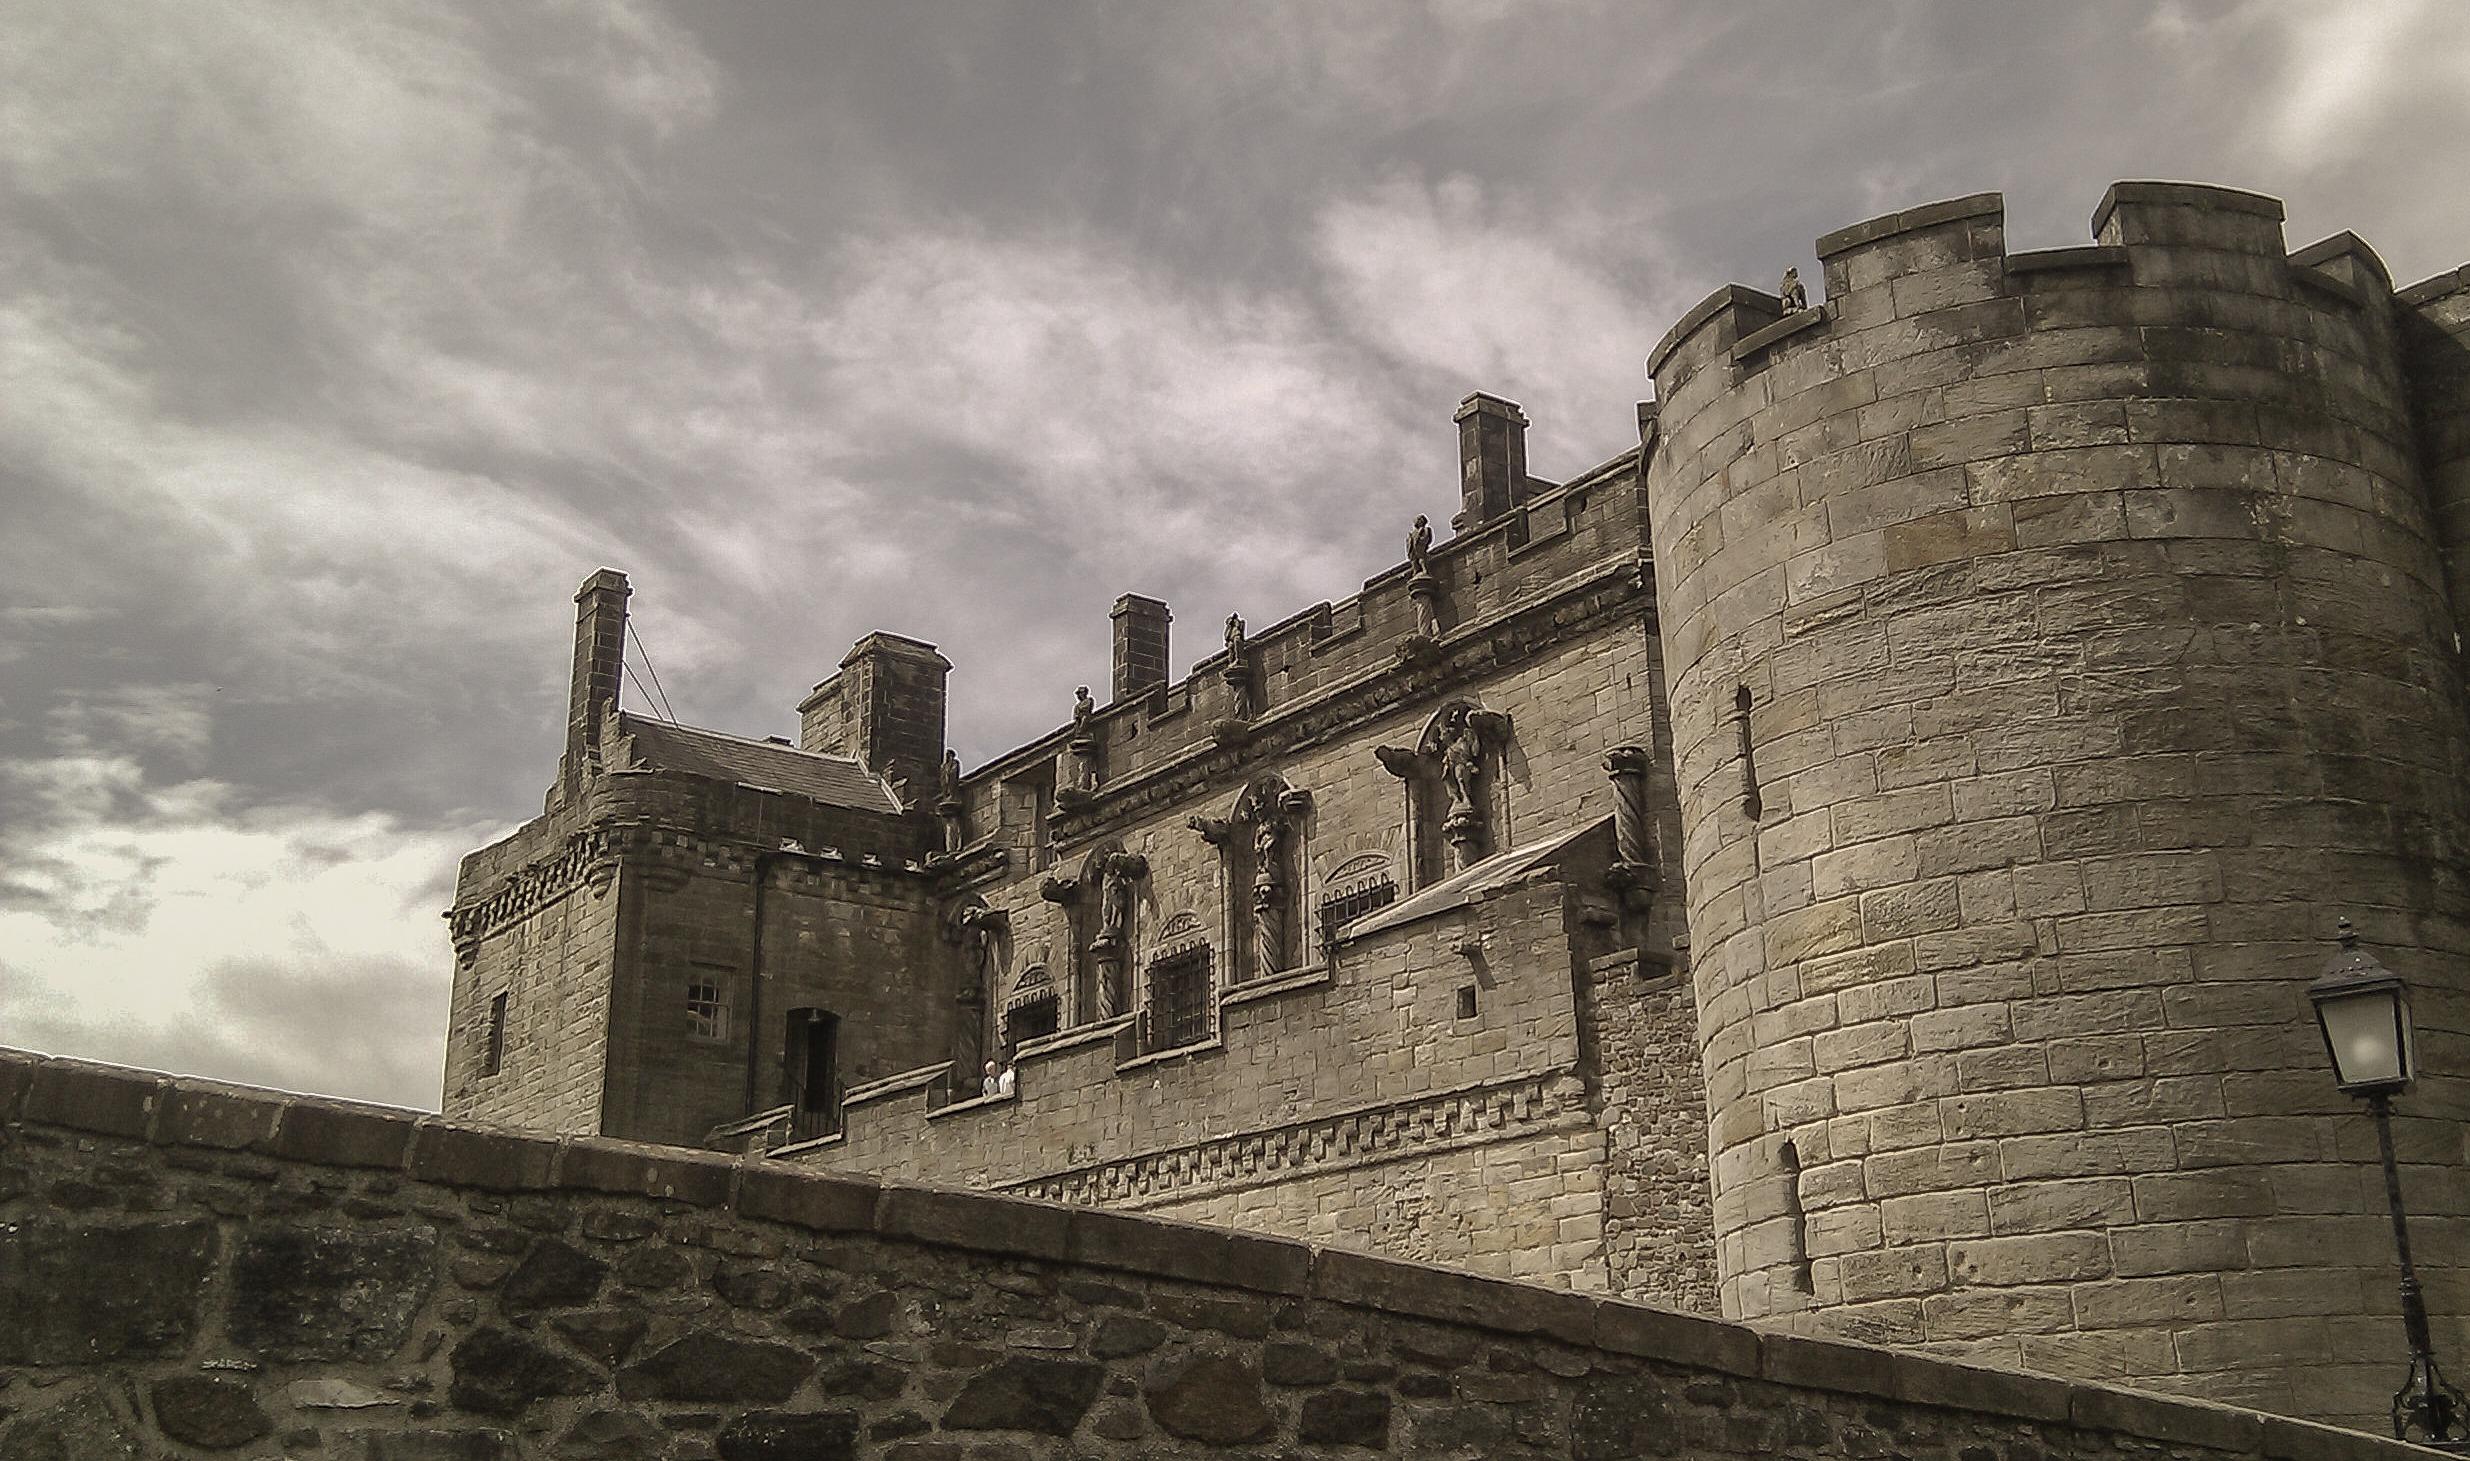 הקורא במצודה הרמה